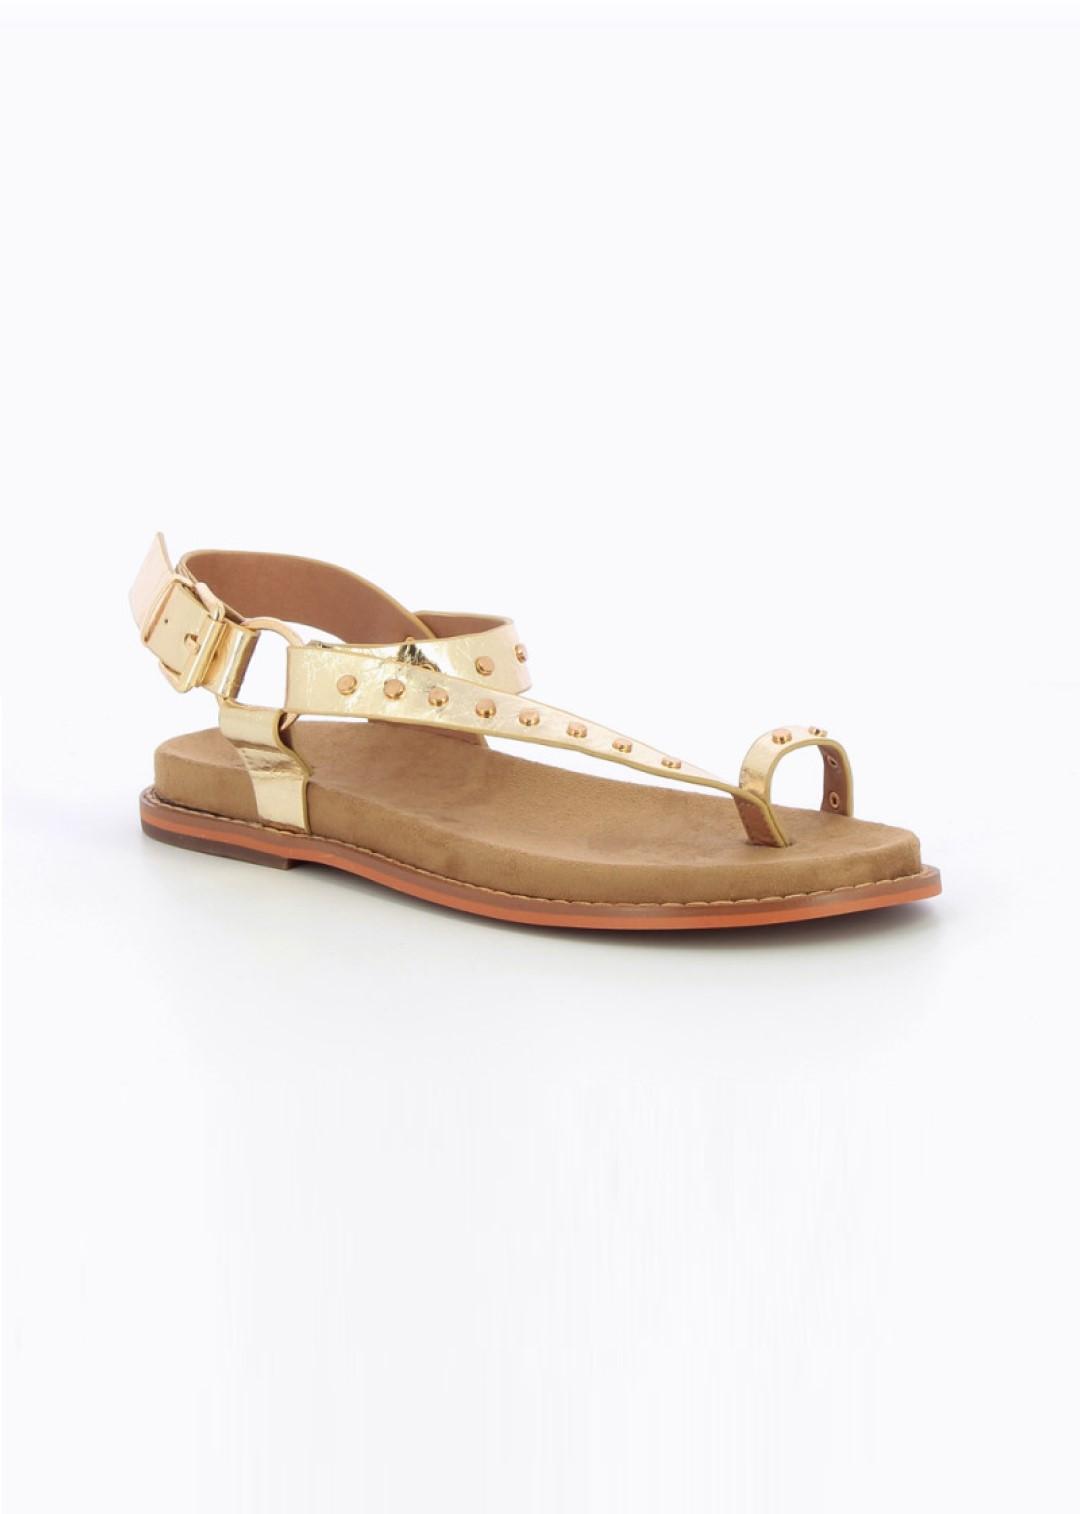 Sandales Or à clous